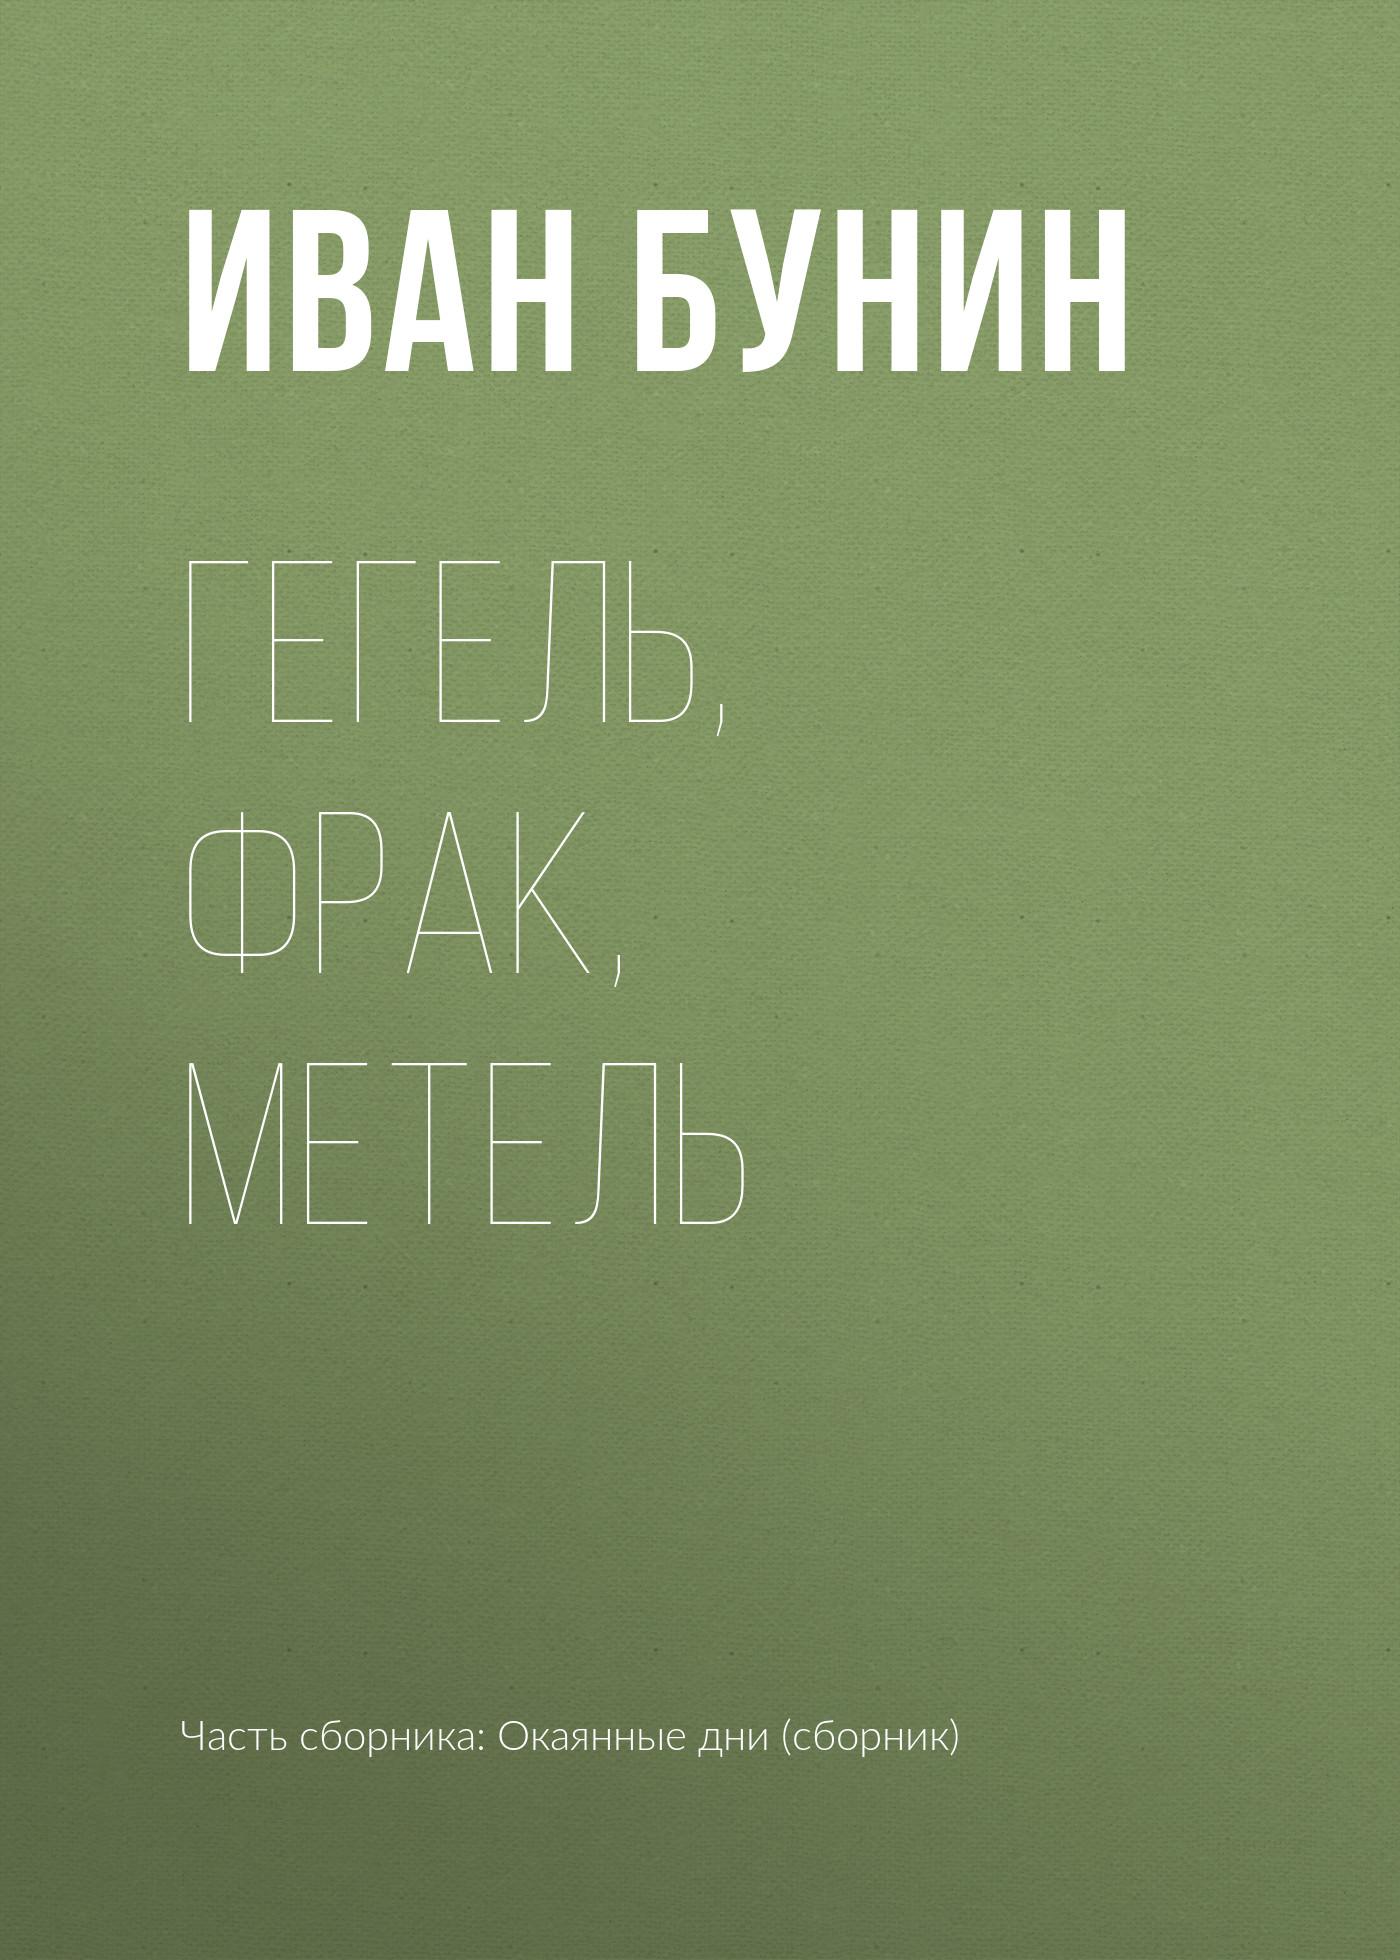 Иван Бунин Гегель, фрак, метель иван шипнигов нефть метель и другие веселые боги сборник